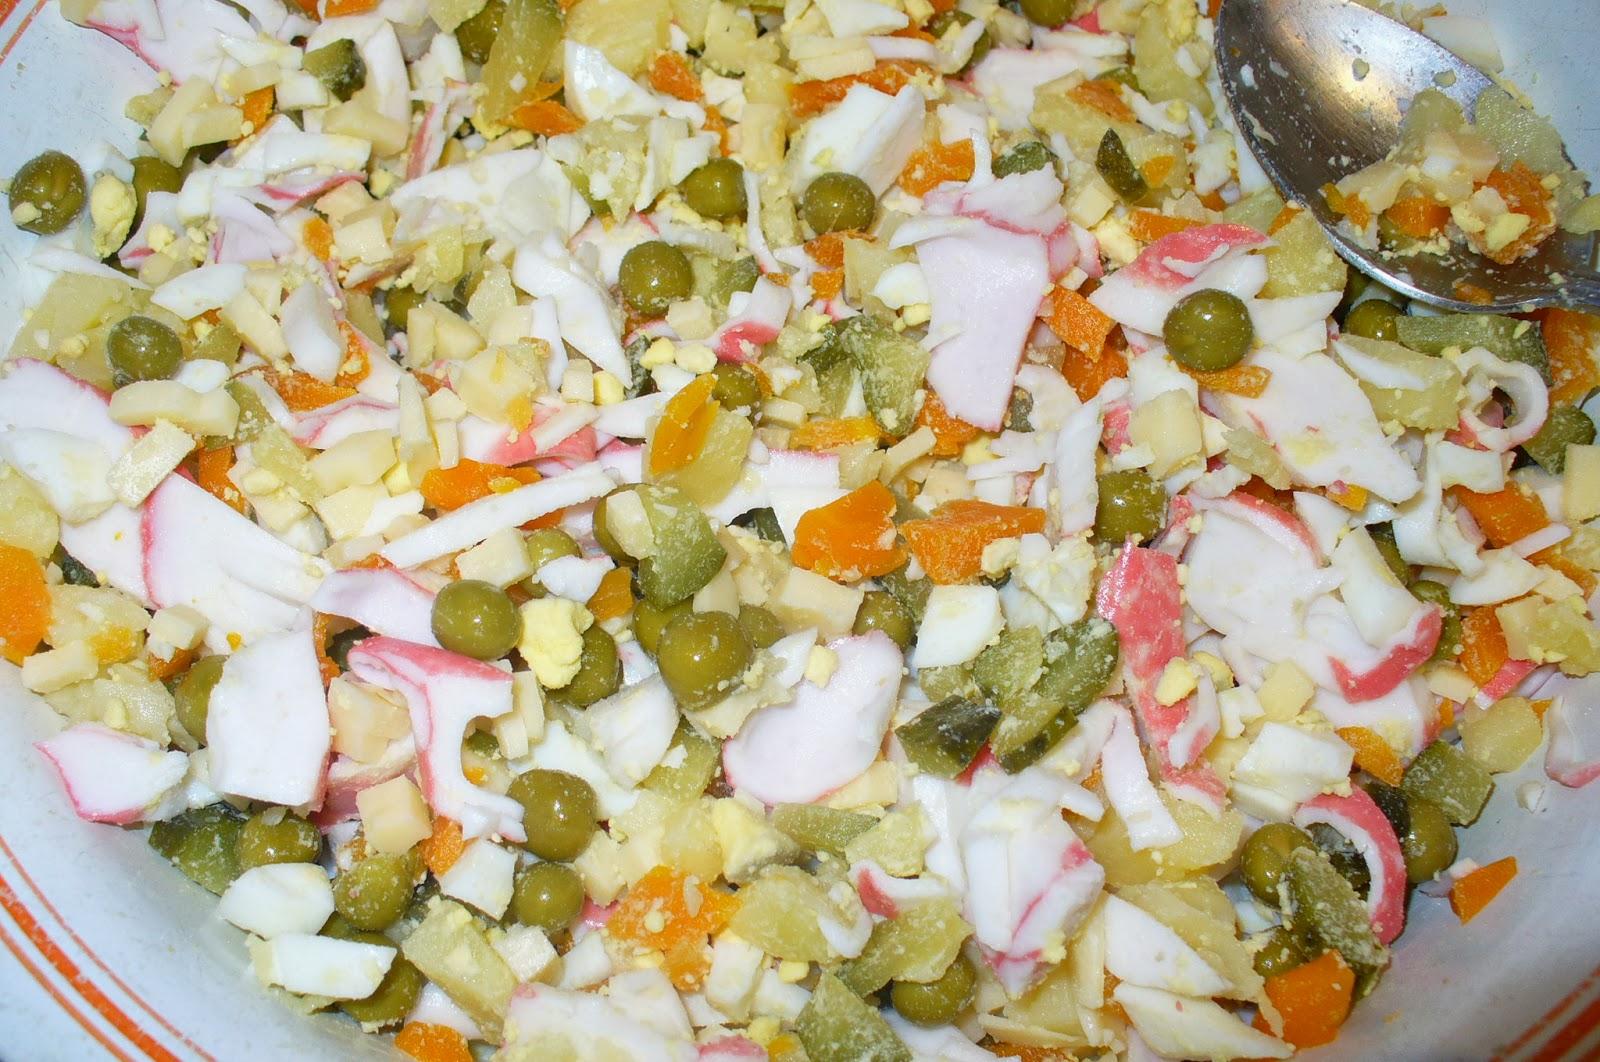 Салат с грибами жареными и крабовыми палочками рецепт пошагово в